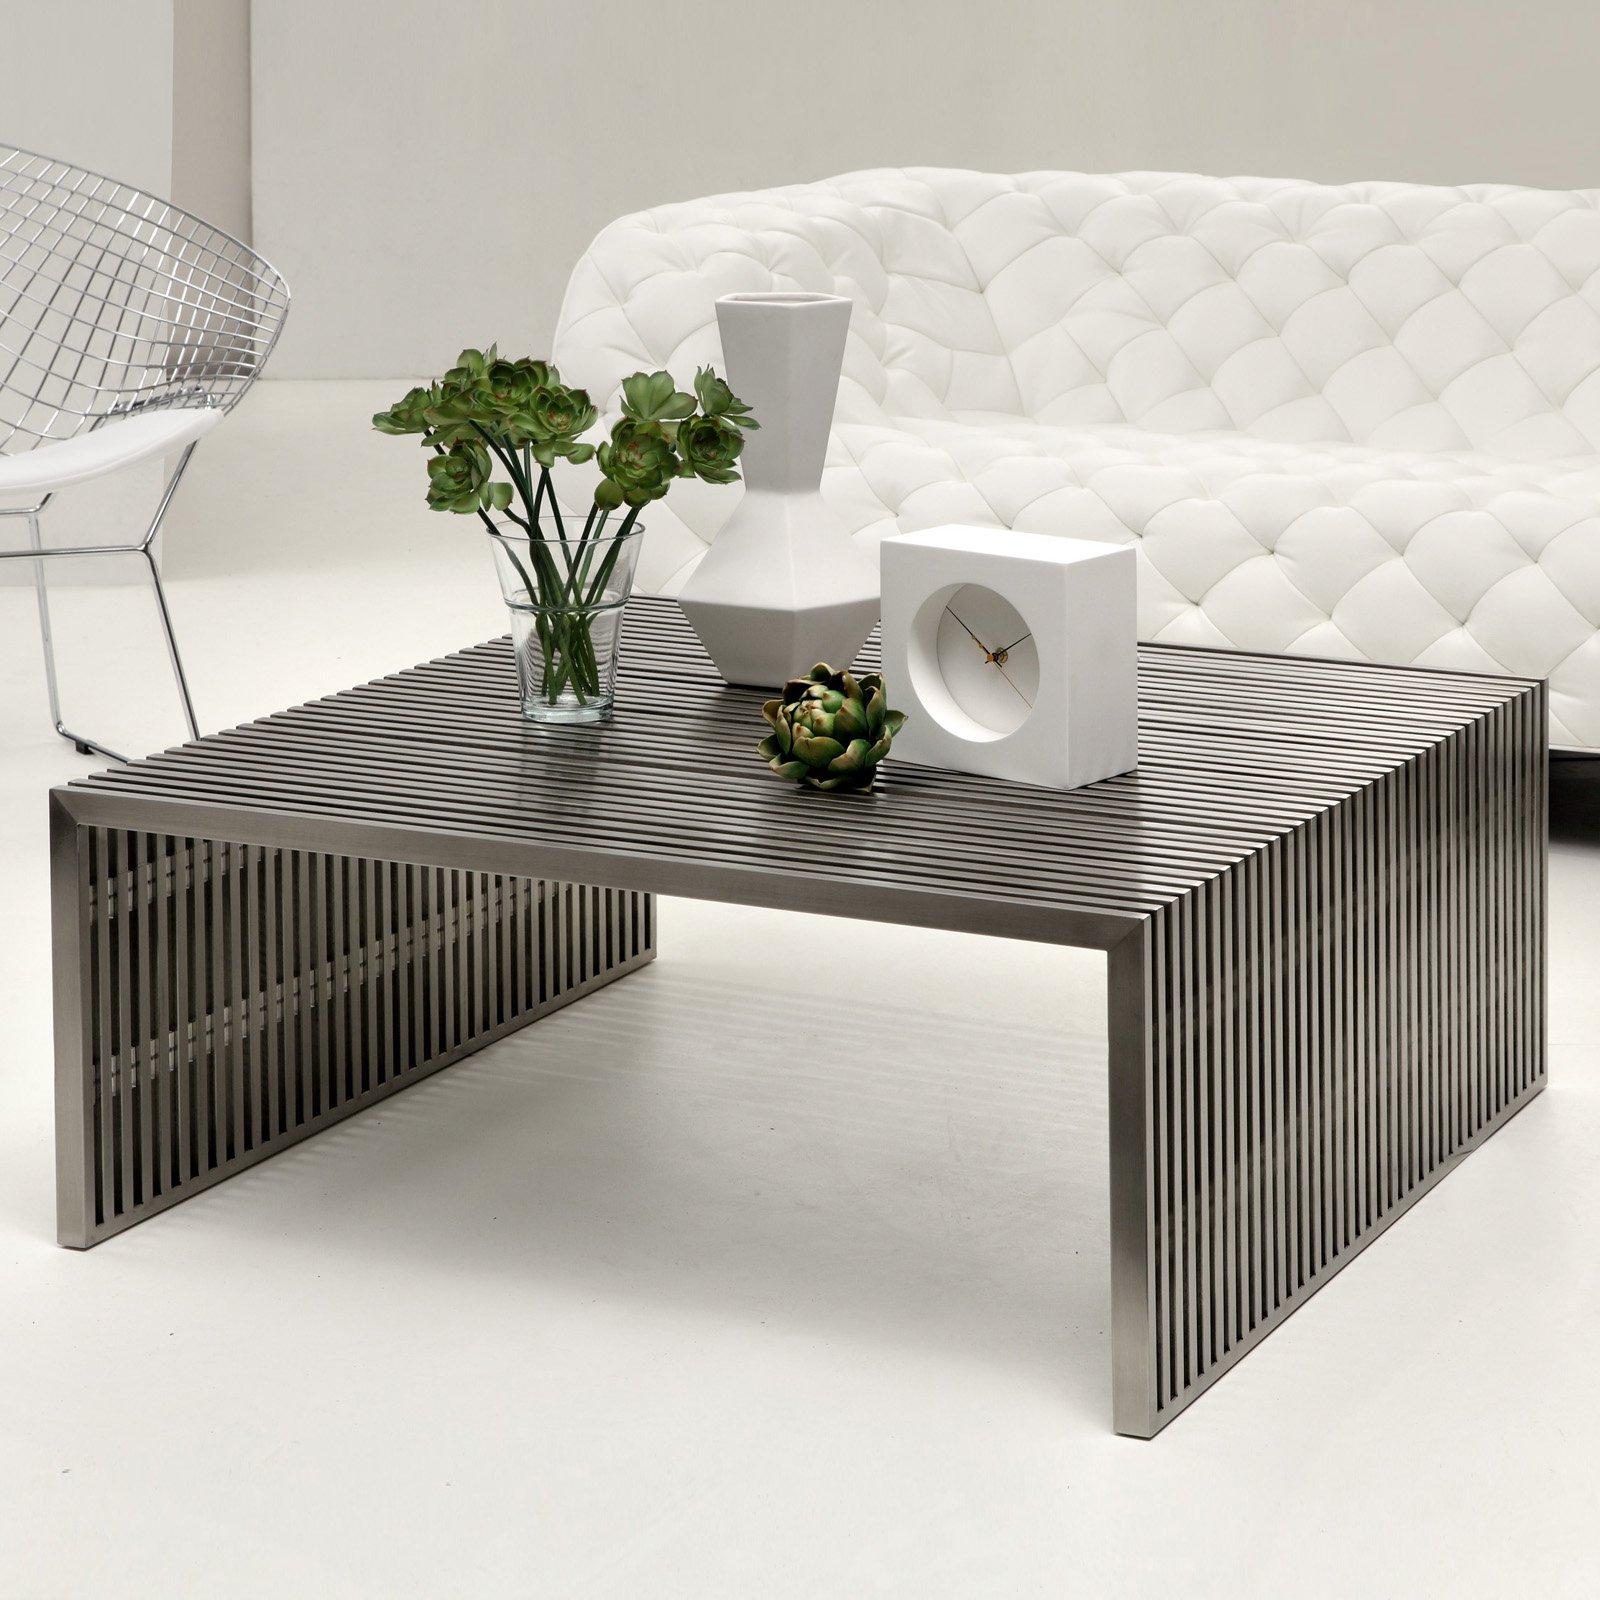 dark wood coffee table set 06